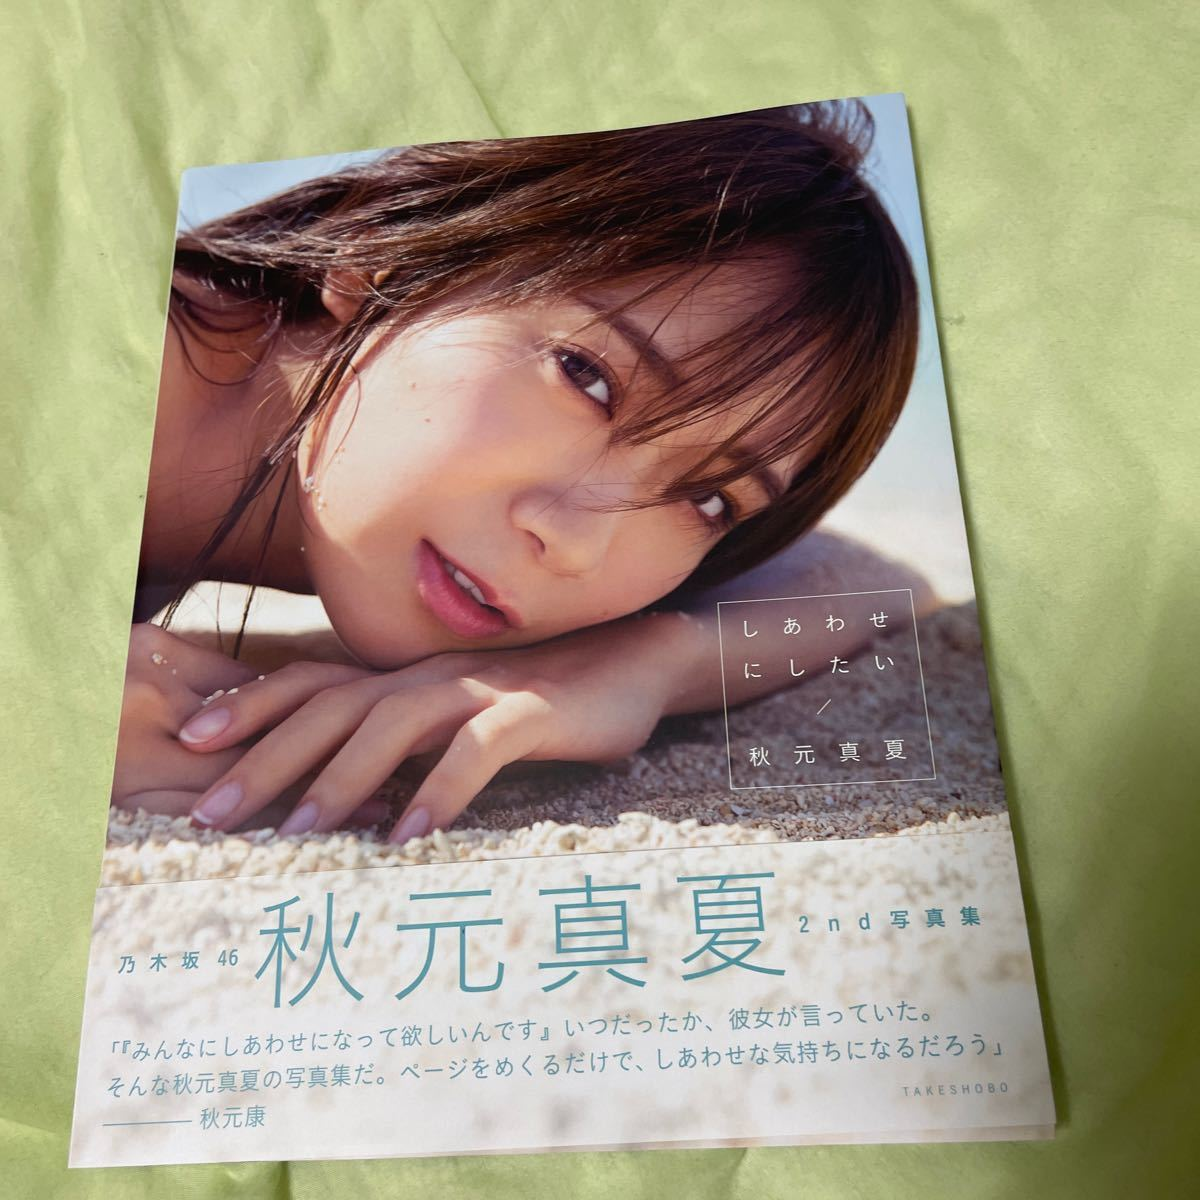 乃木坂46 秋元真夏2nd写真集 『しあわせにしたい』 倉本 GORI